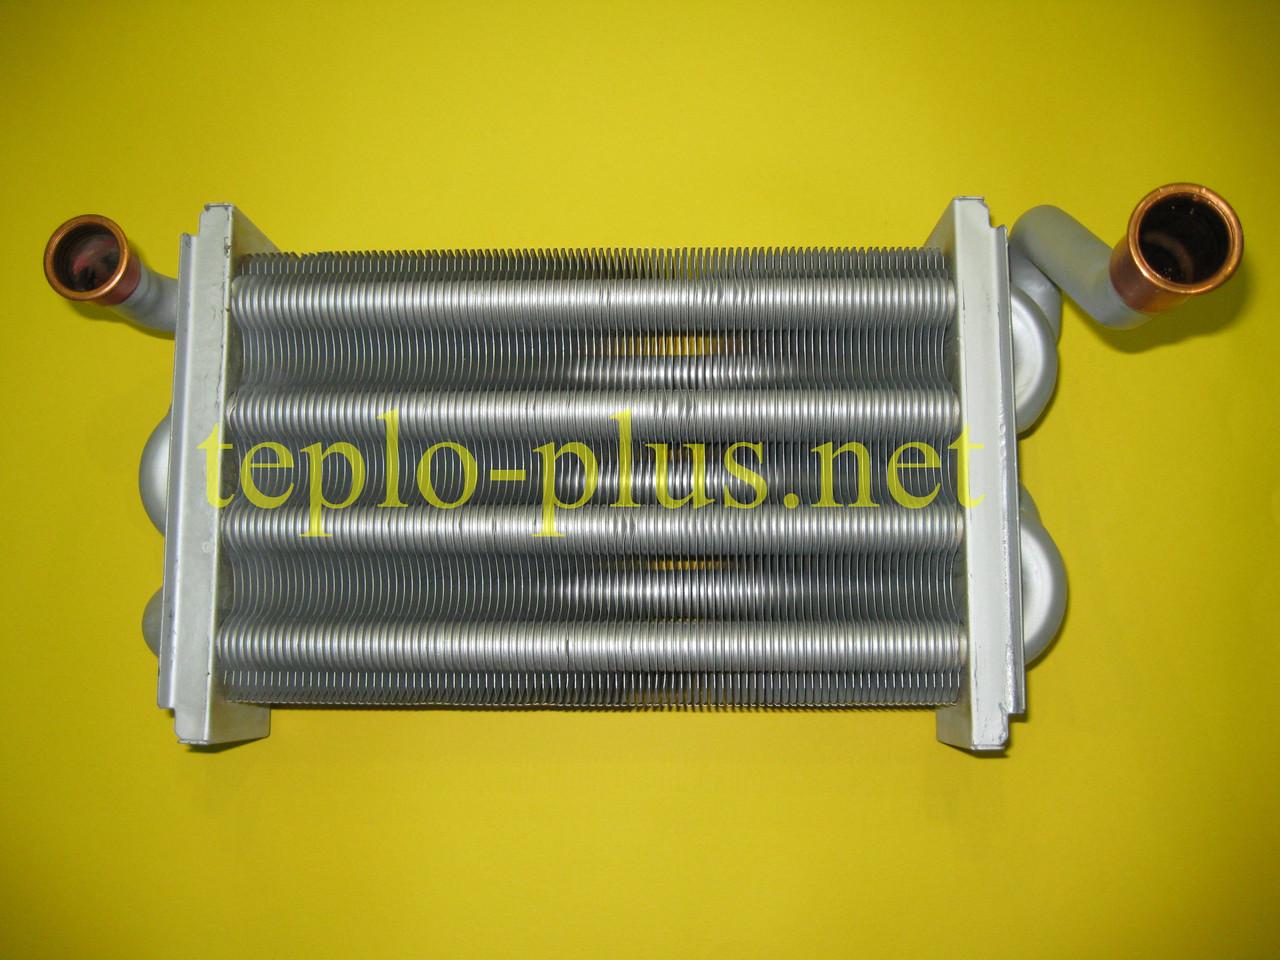 Теплообменник первичный (основной) D001020013 (3001020013) Demrad Atron H28